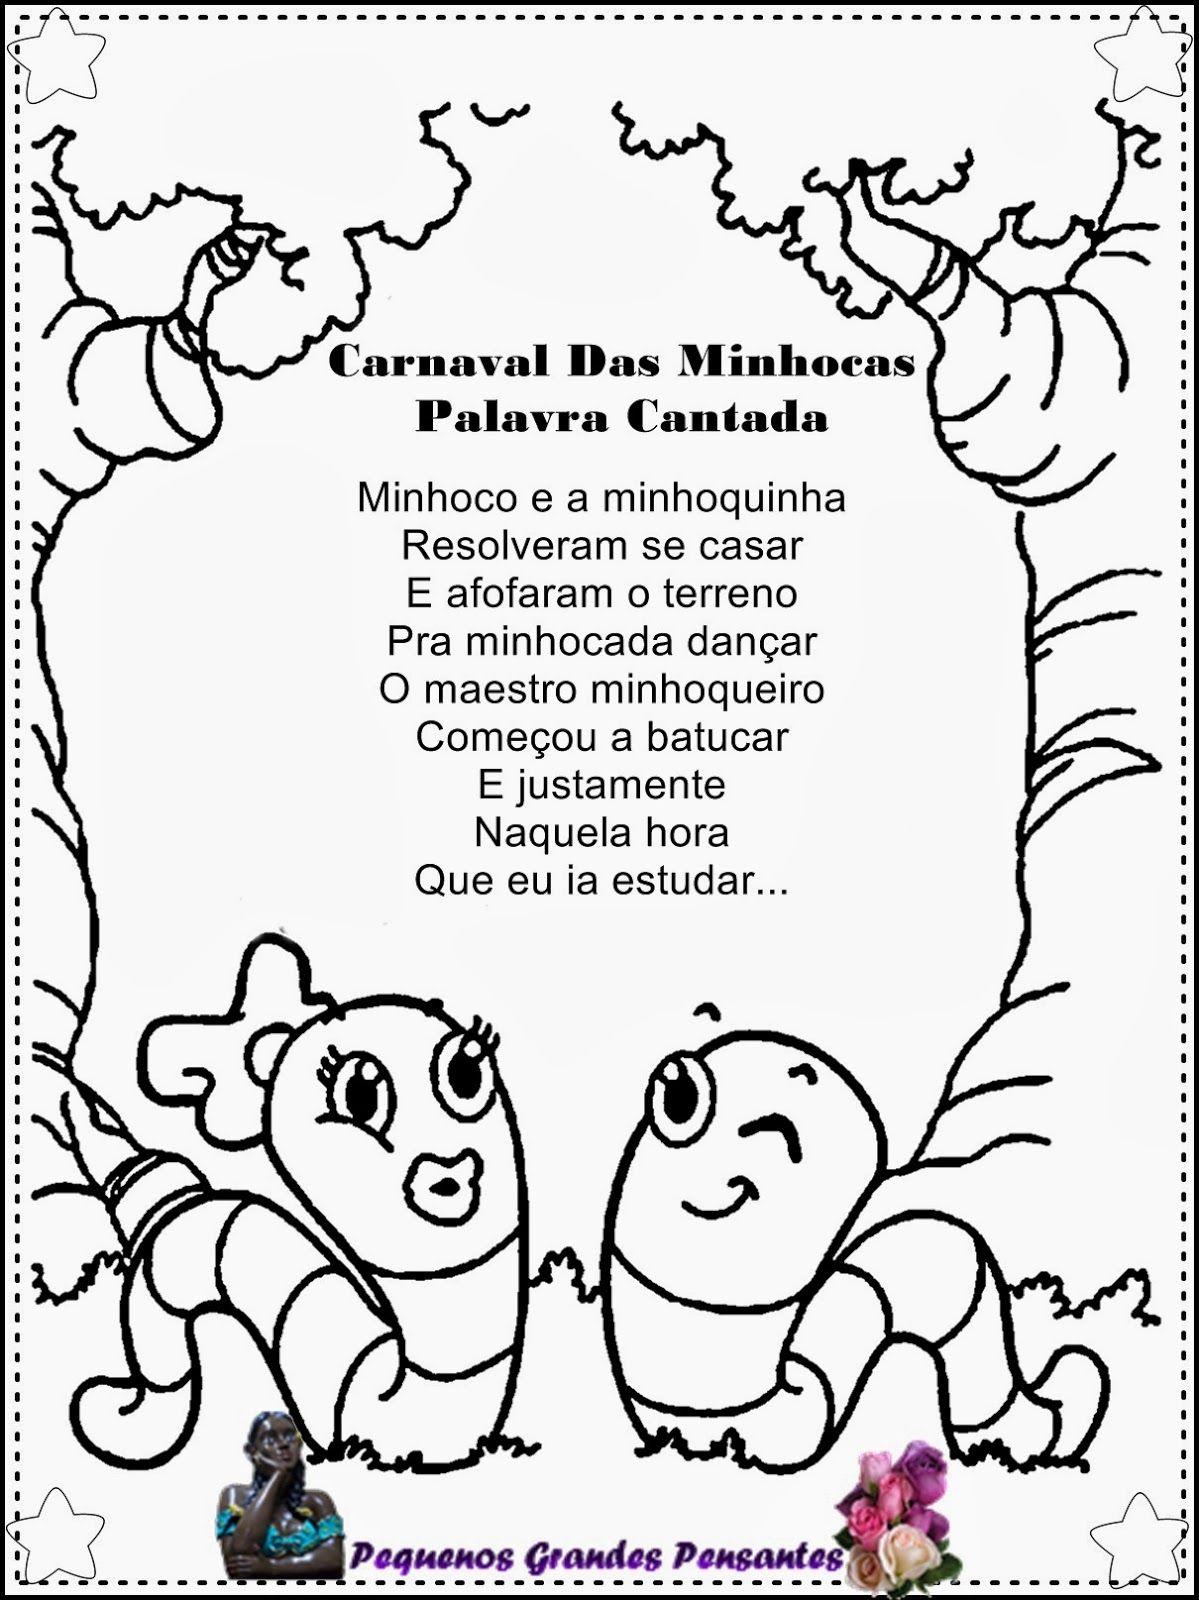 Musicas Para Carnaval Infantil Carnaval Infantil Infantil